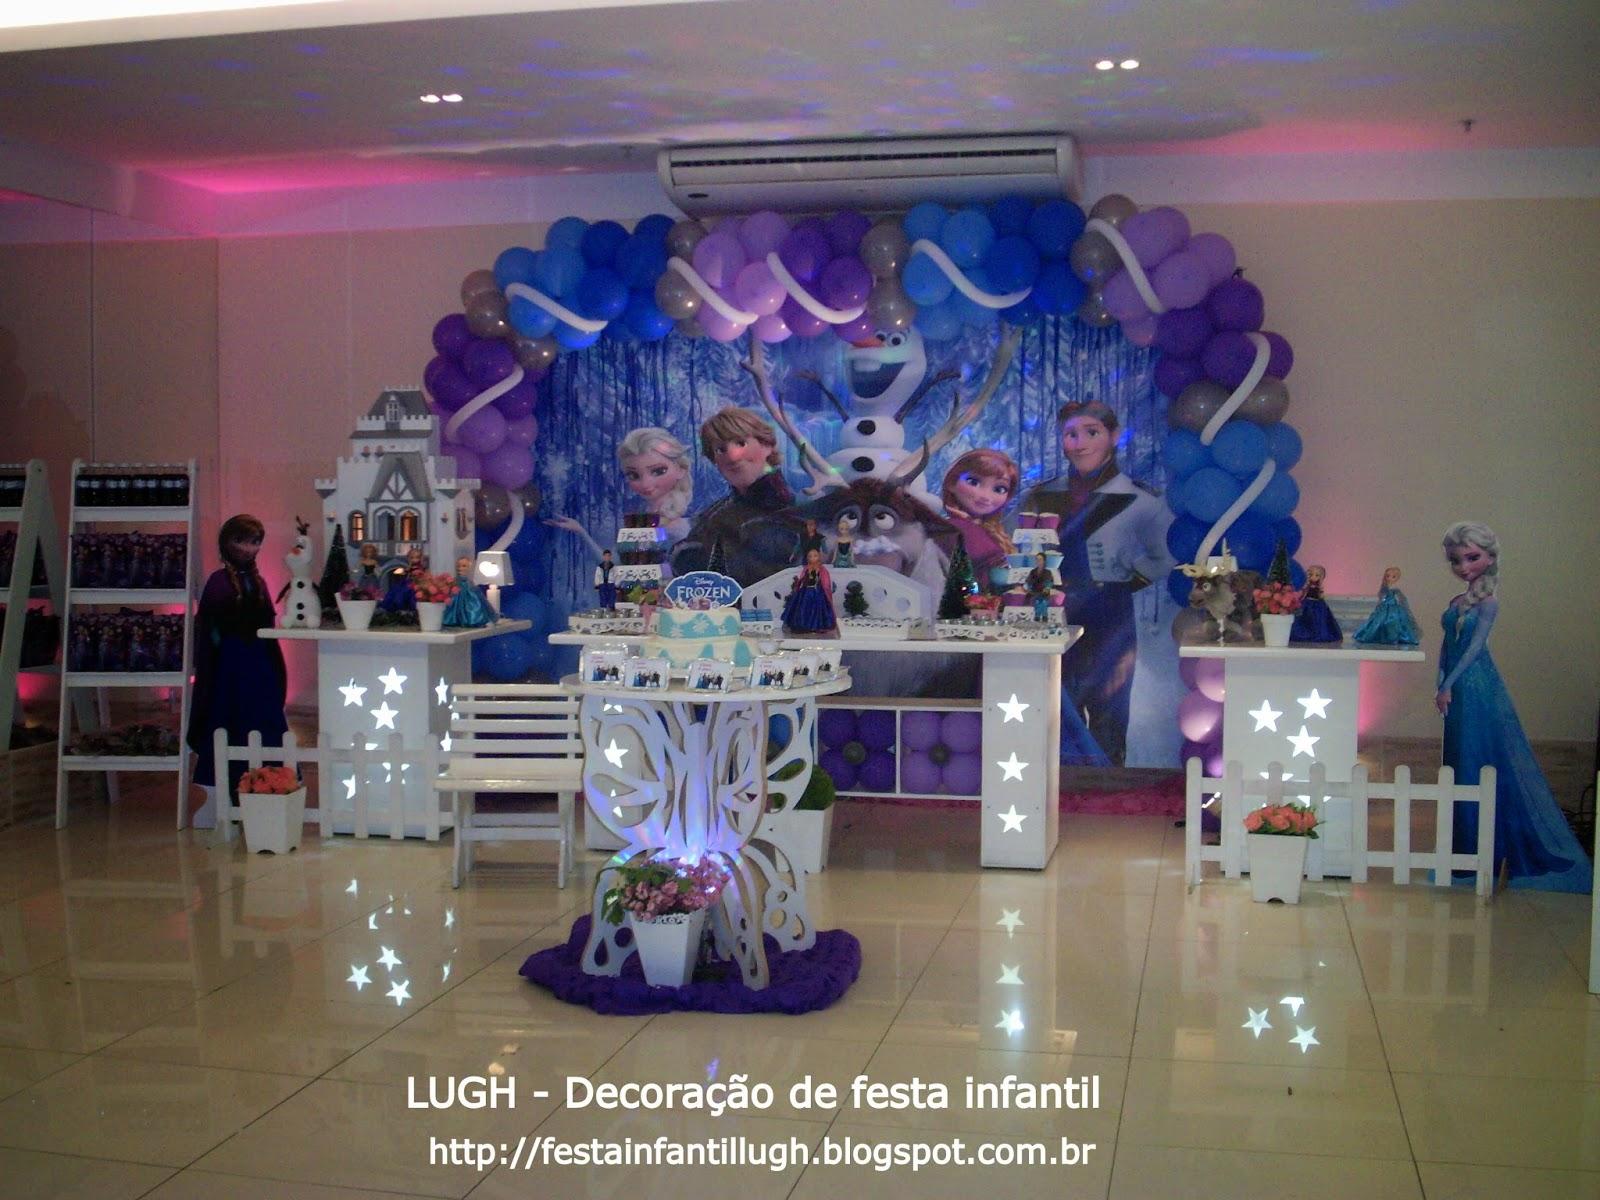 Frozen - decoração provençal de festa para aniversário infantil com o tema Frozen realizado na Barra da Tijuca, Rio de Janeiro (RJ)